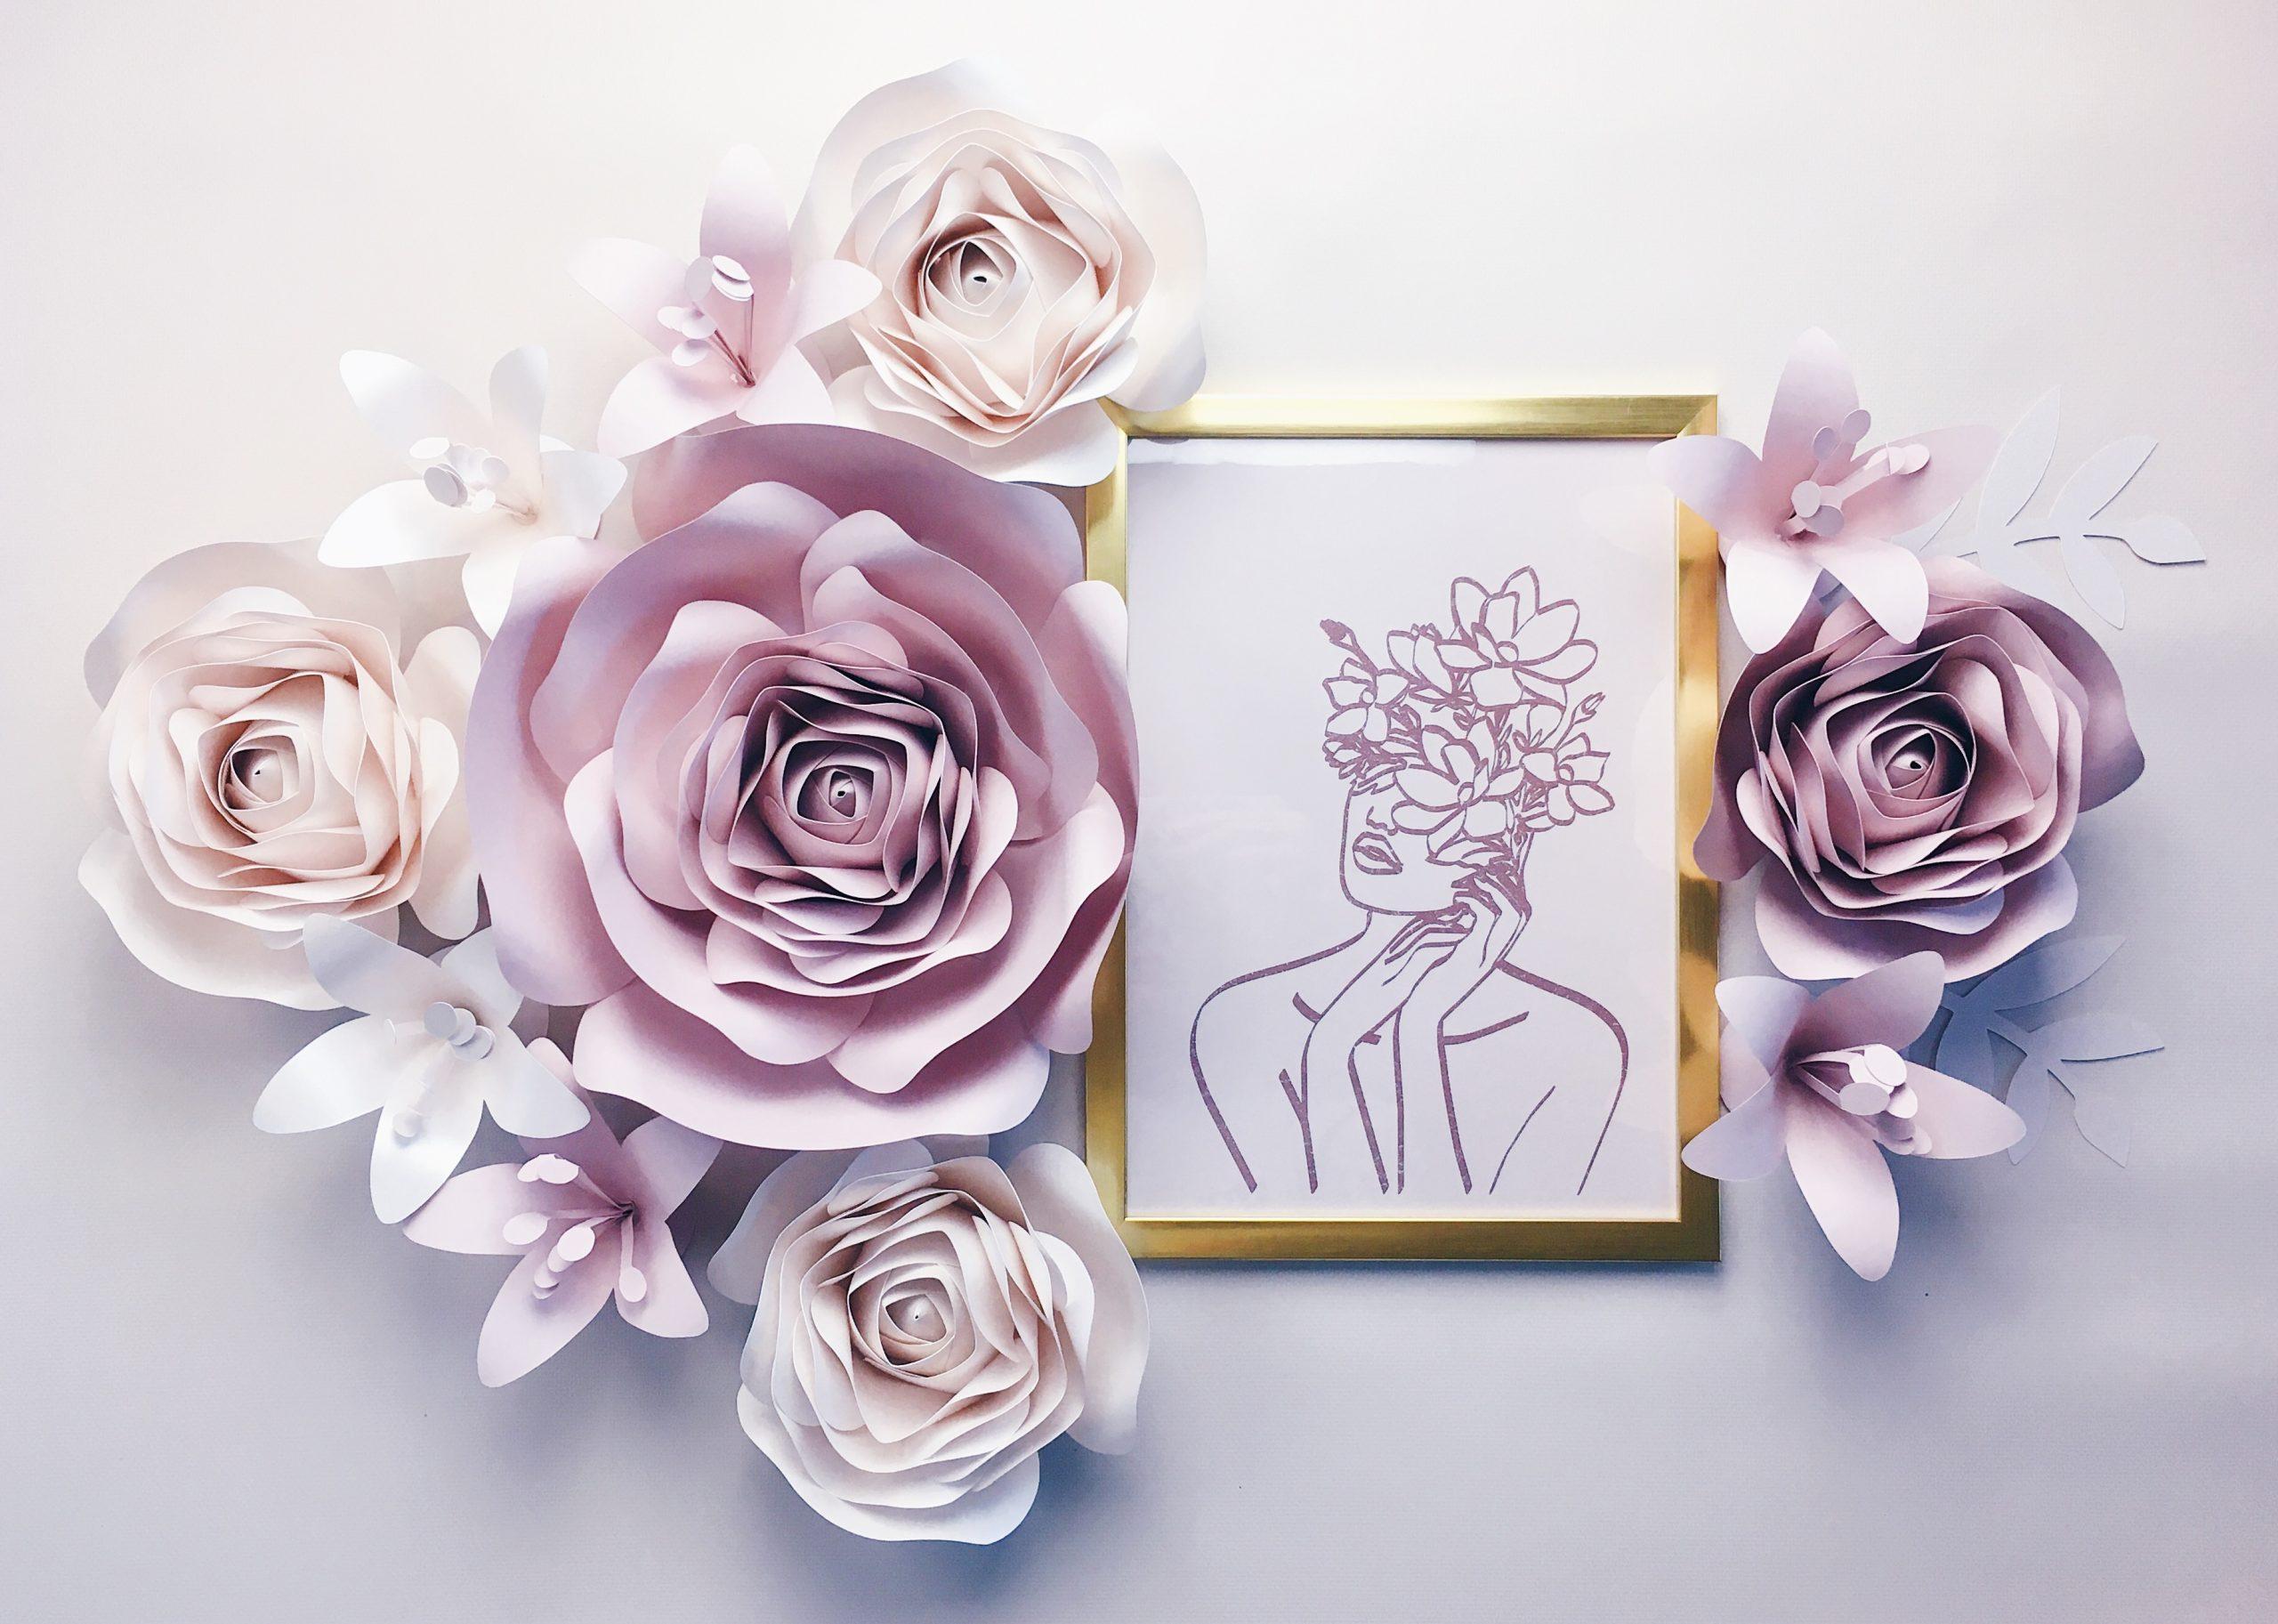 Duże kwiaty kolor nude i perła - dekoracja na ścianę